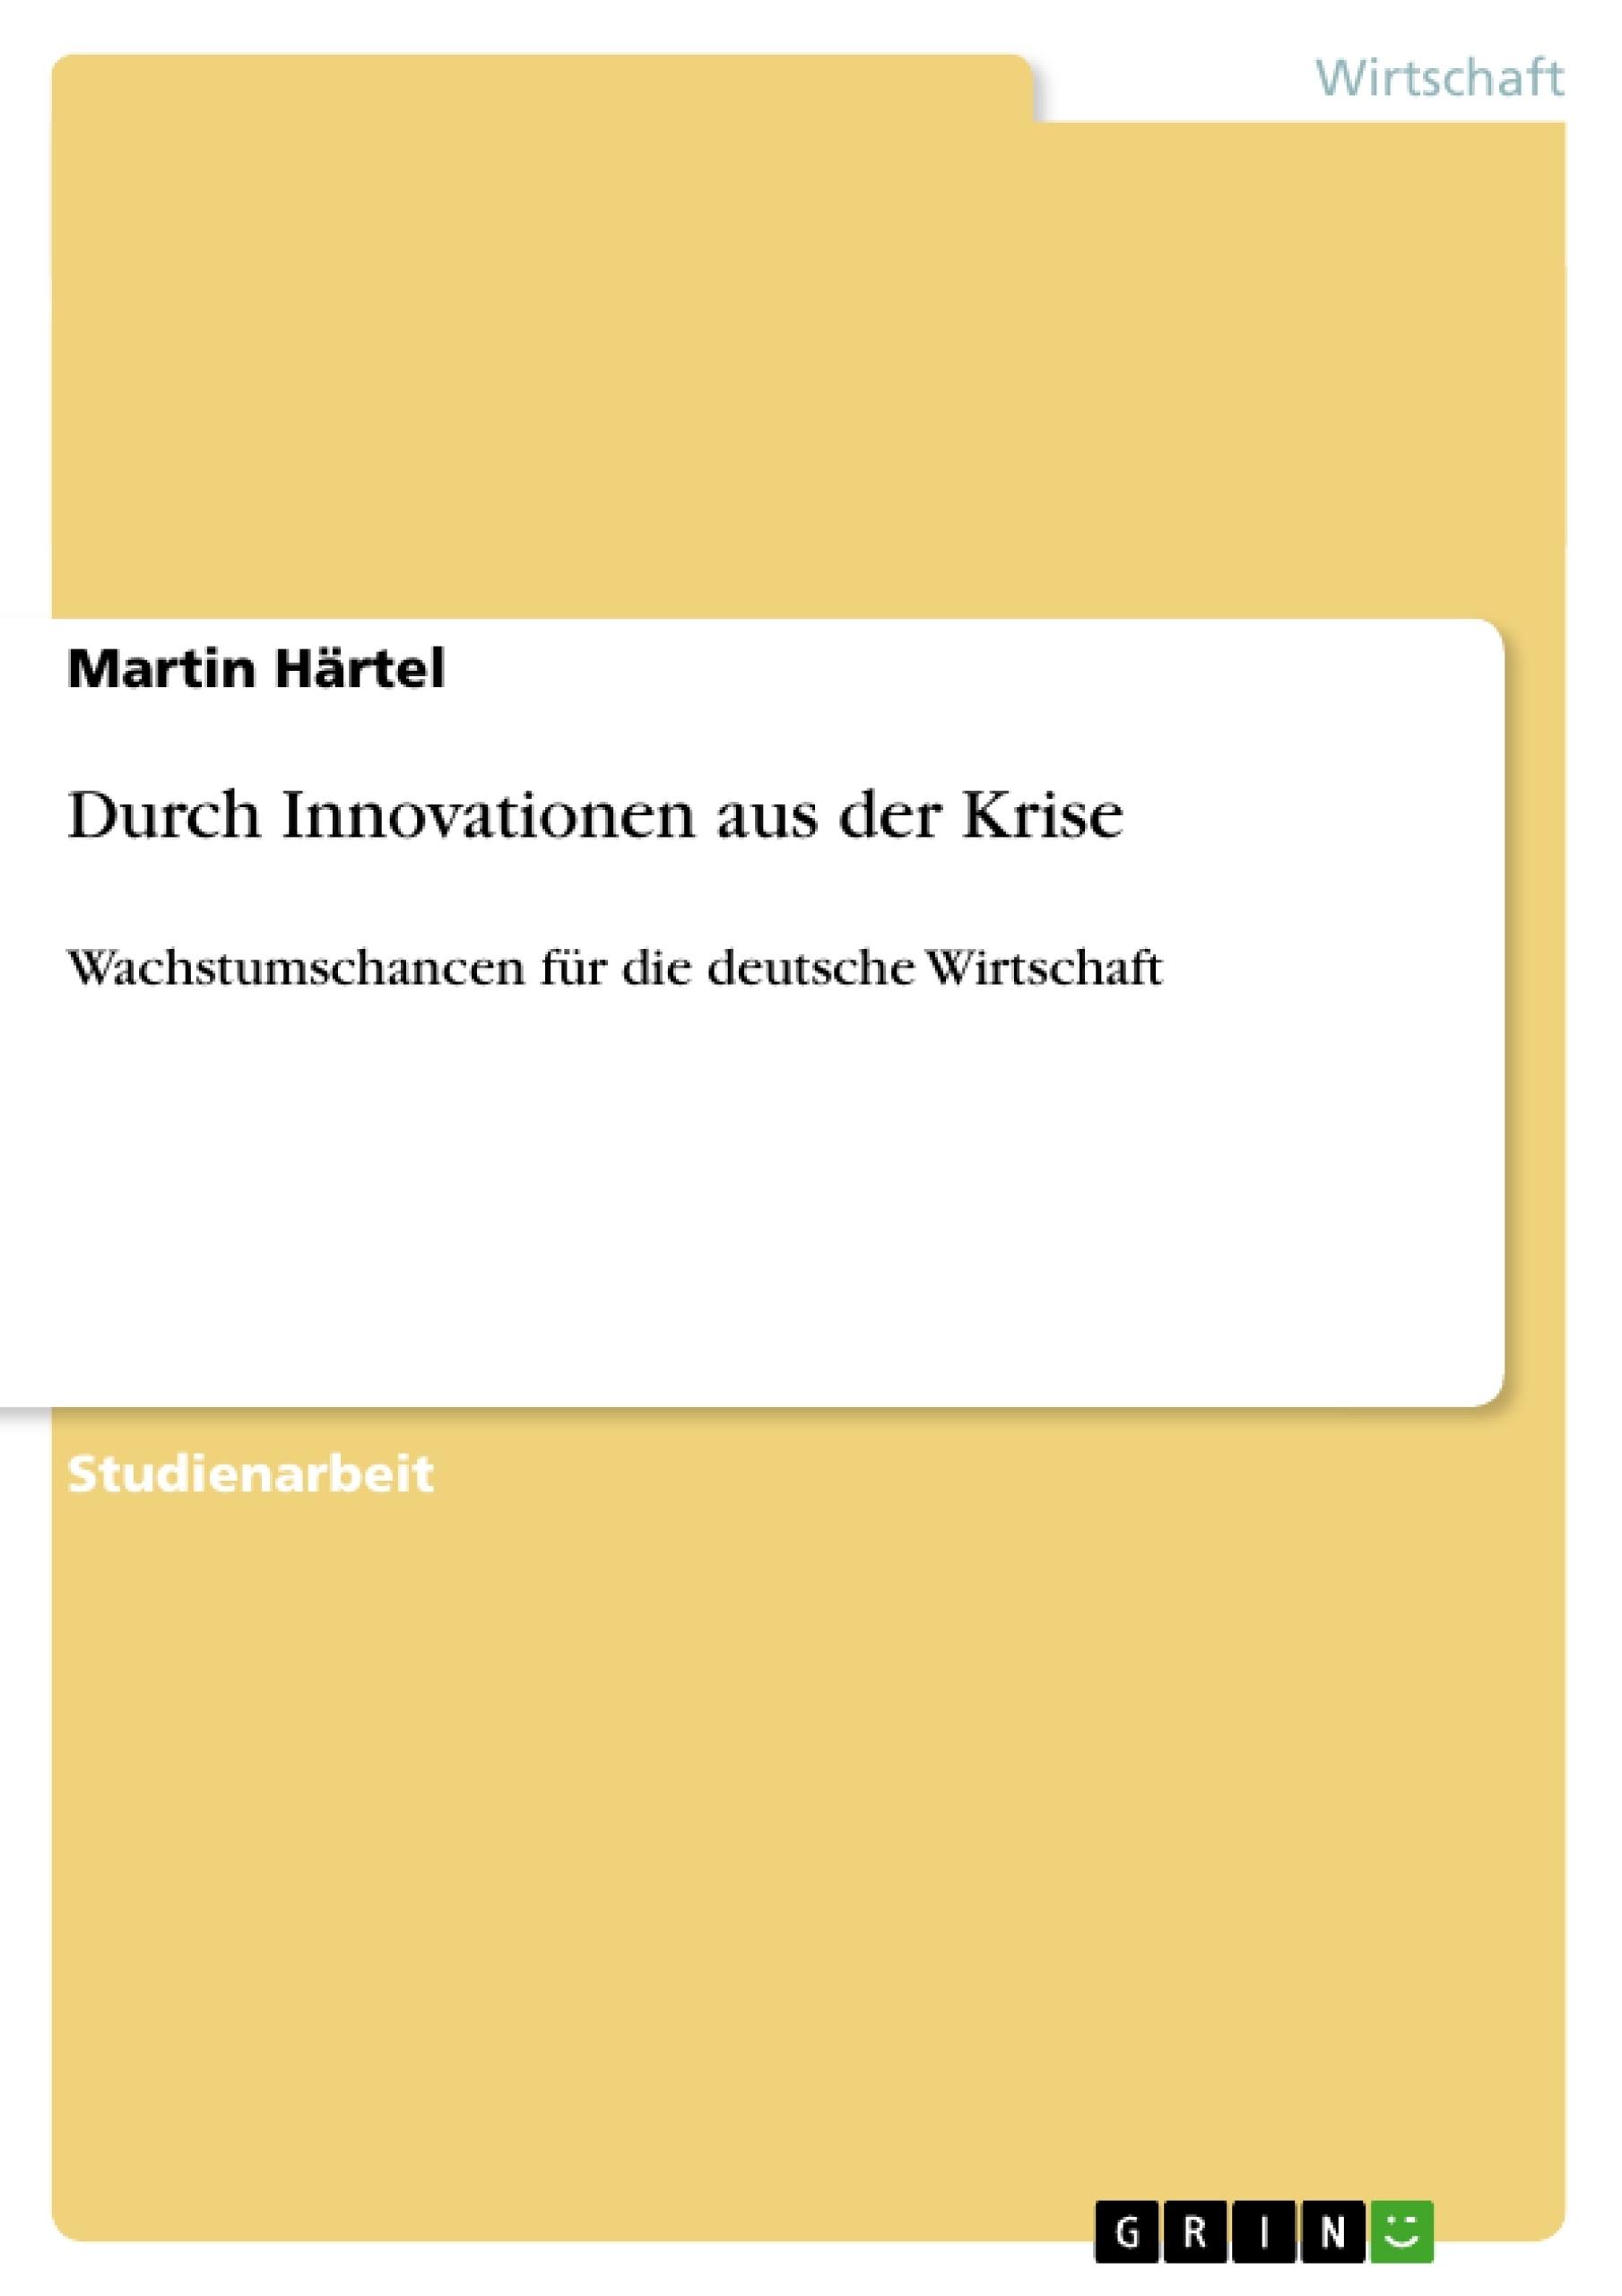 Titel: Durch Innovationen aus der Krise